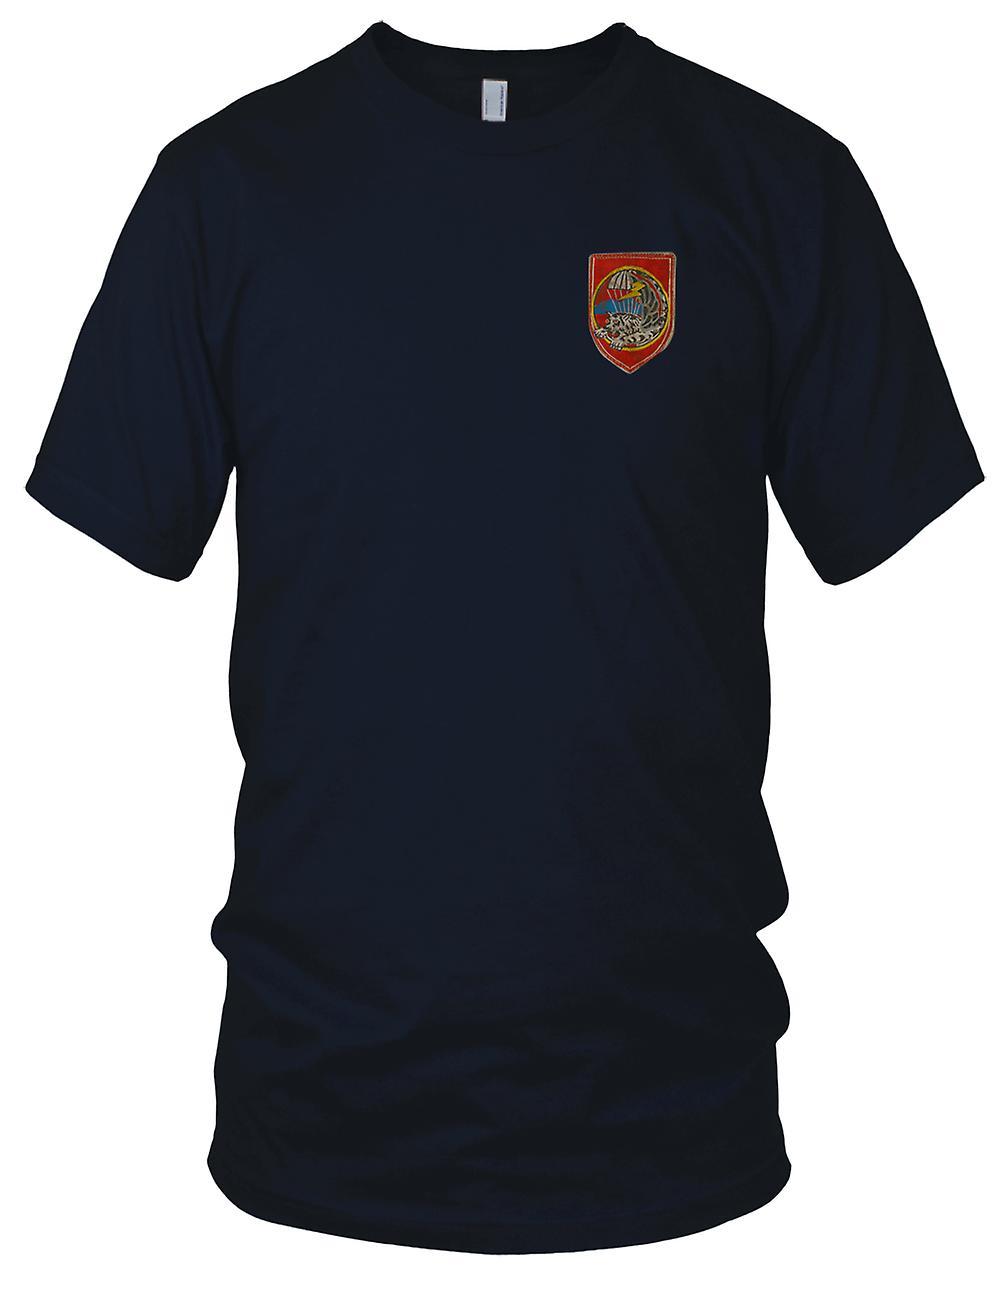 ARVN specialstyrker Commando enhed Loi Ho - silke Vietnamkrigen broderet Patch - Herre T-shirt